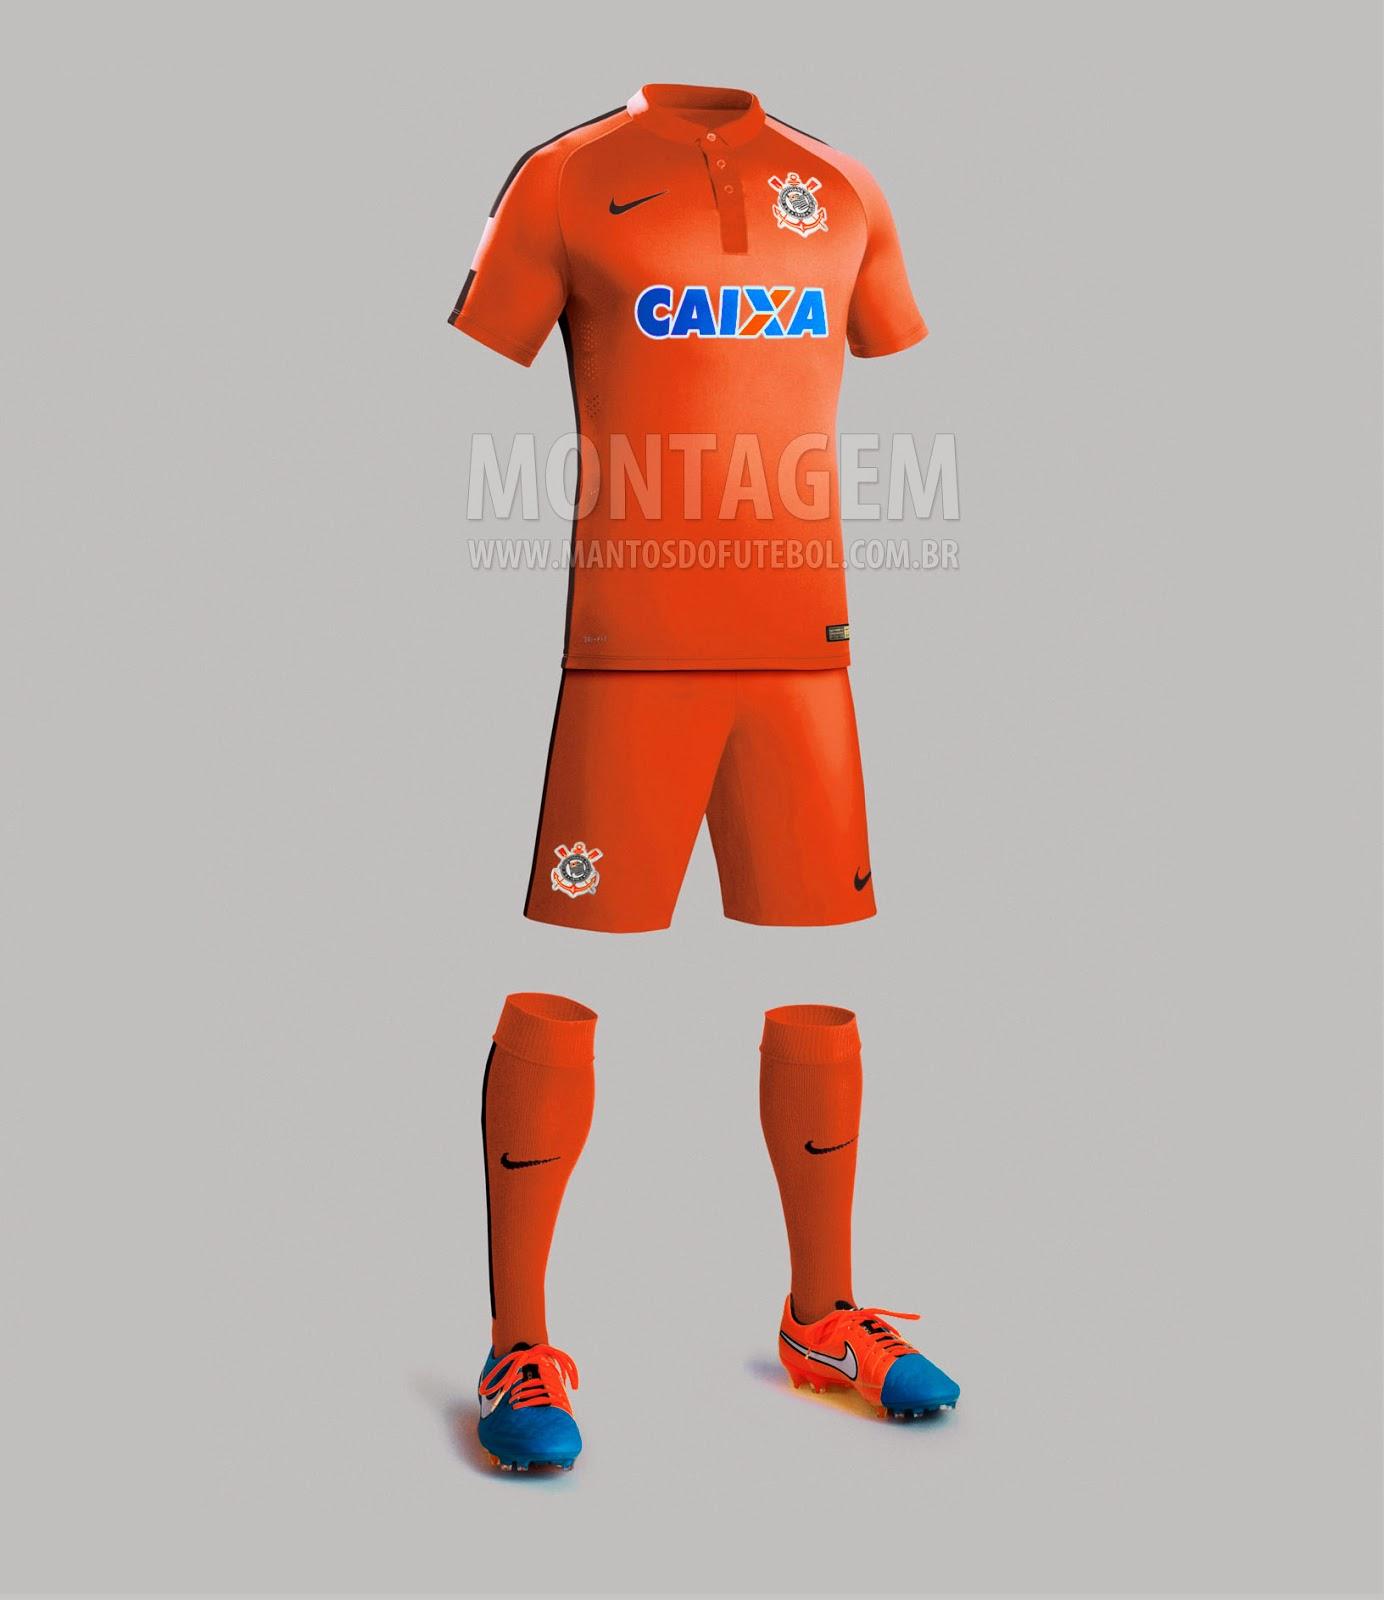 08145799f38b0 Especula-se que essa pode ser a nova terceira camisa do corinthians para a  temporada 2015-2016